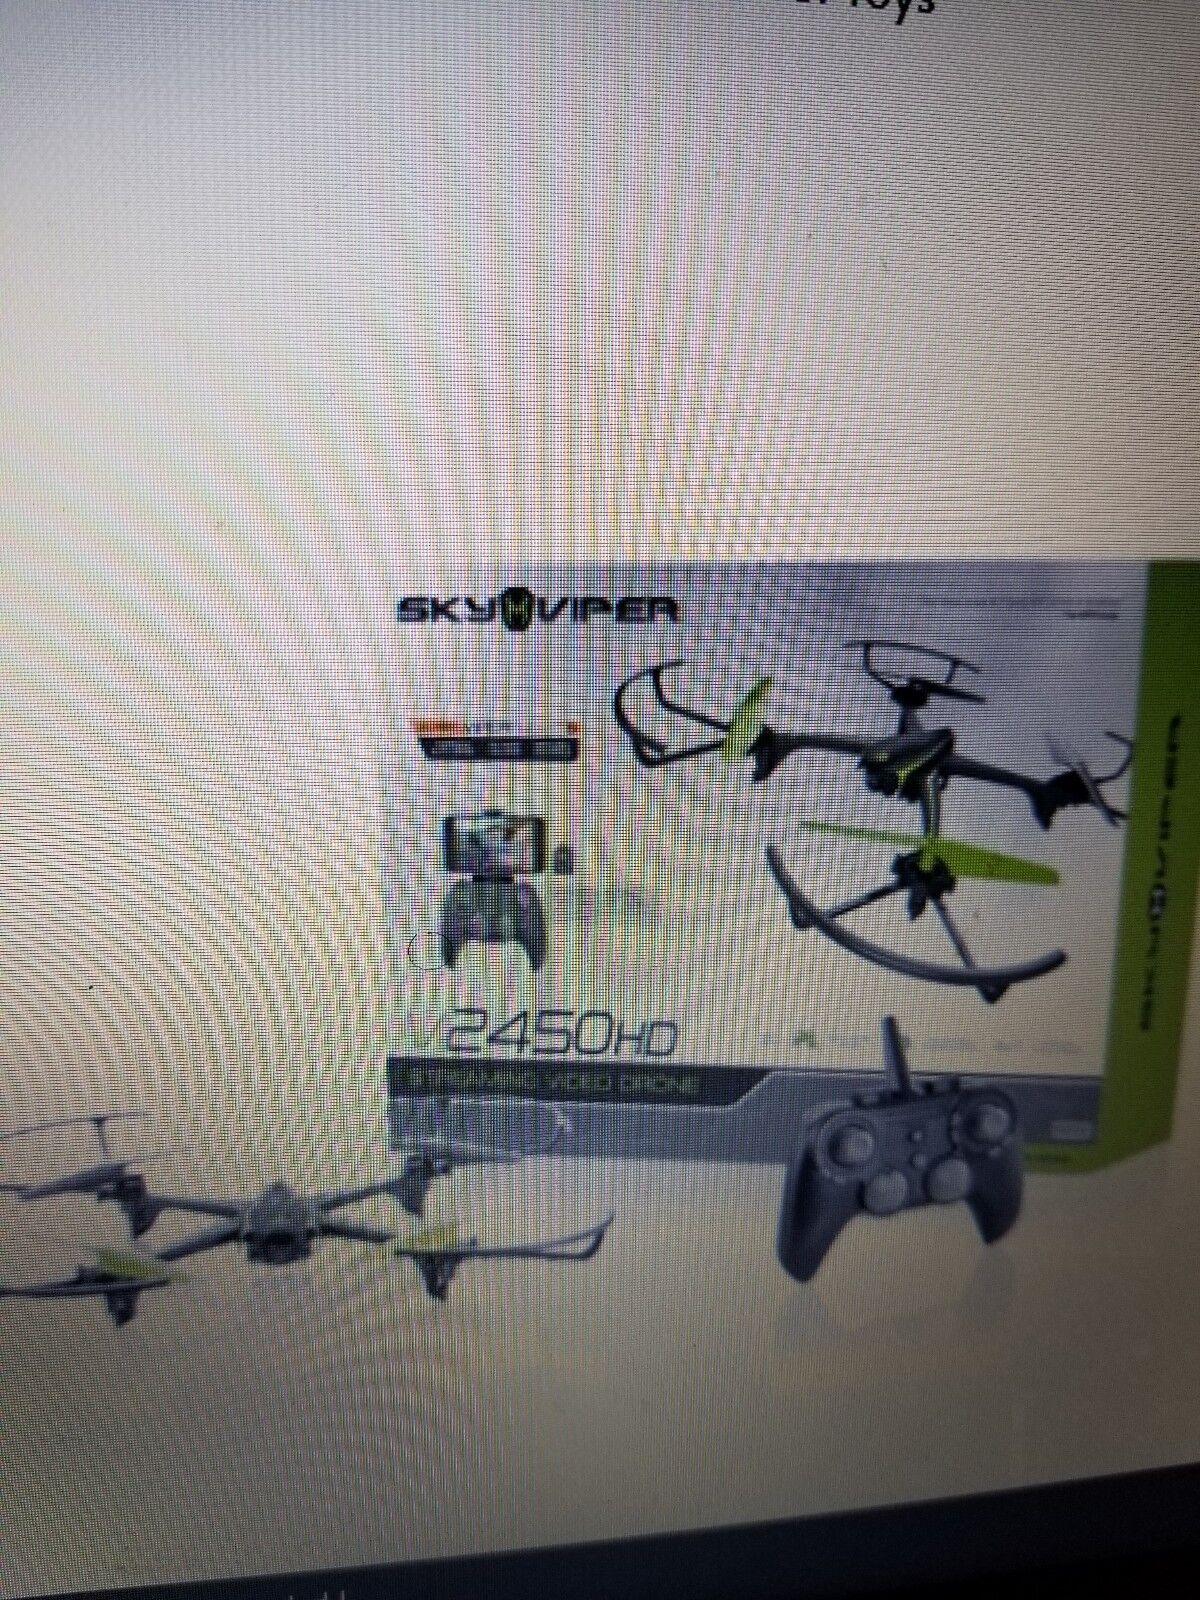 SkyViper S1750 Green Viper Flight 5 Remote Controlled Stunt Drone